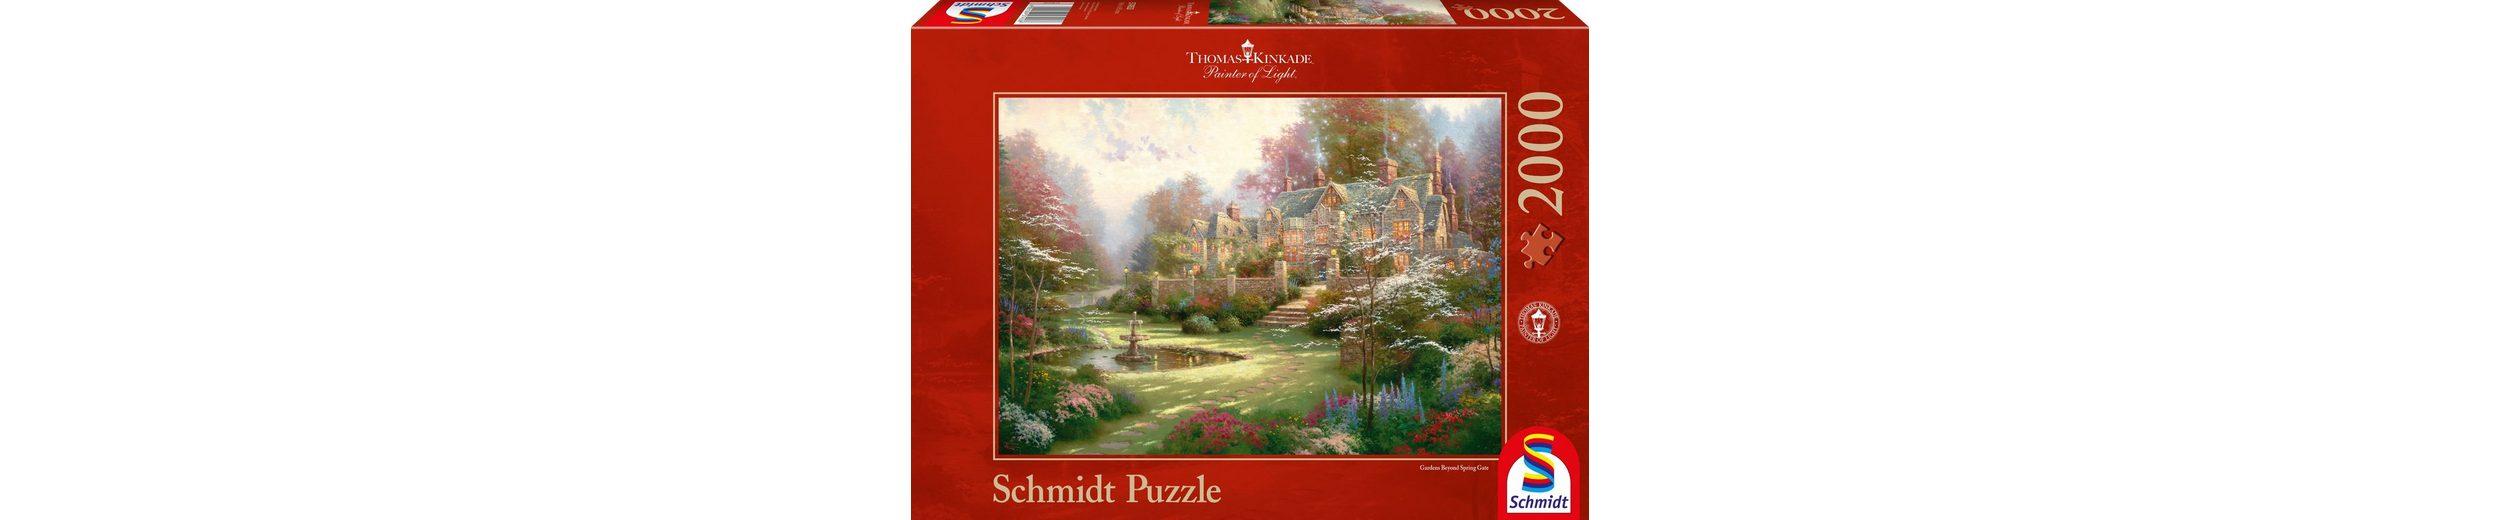 Schmidt Spiele Puzzle mit 2000 Teilen, »Landsitz«